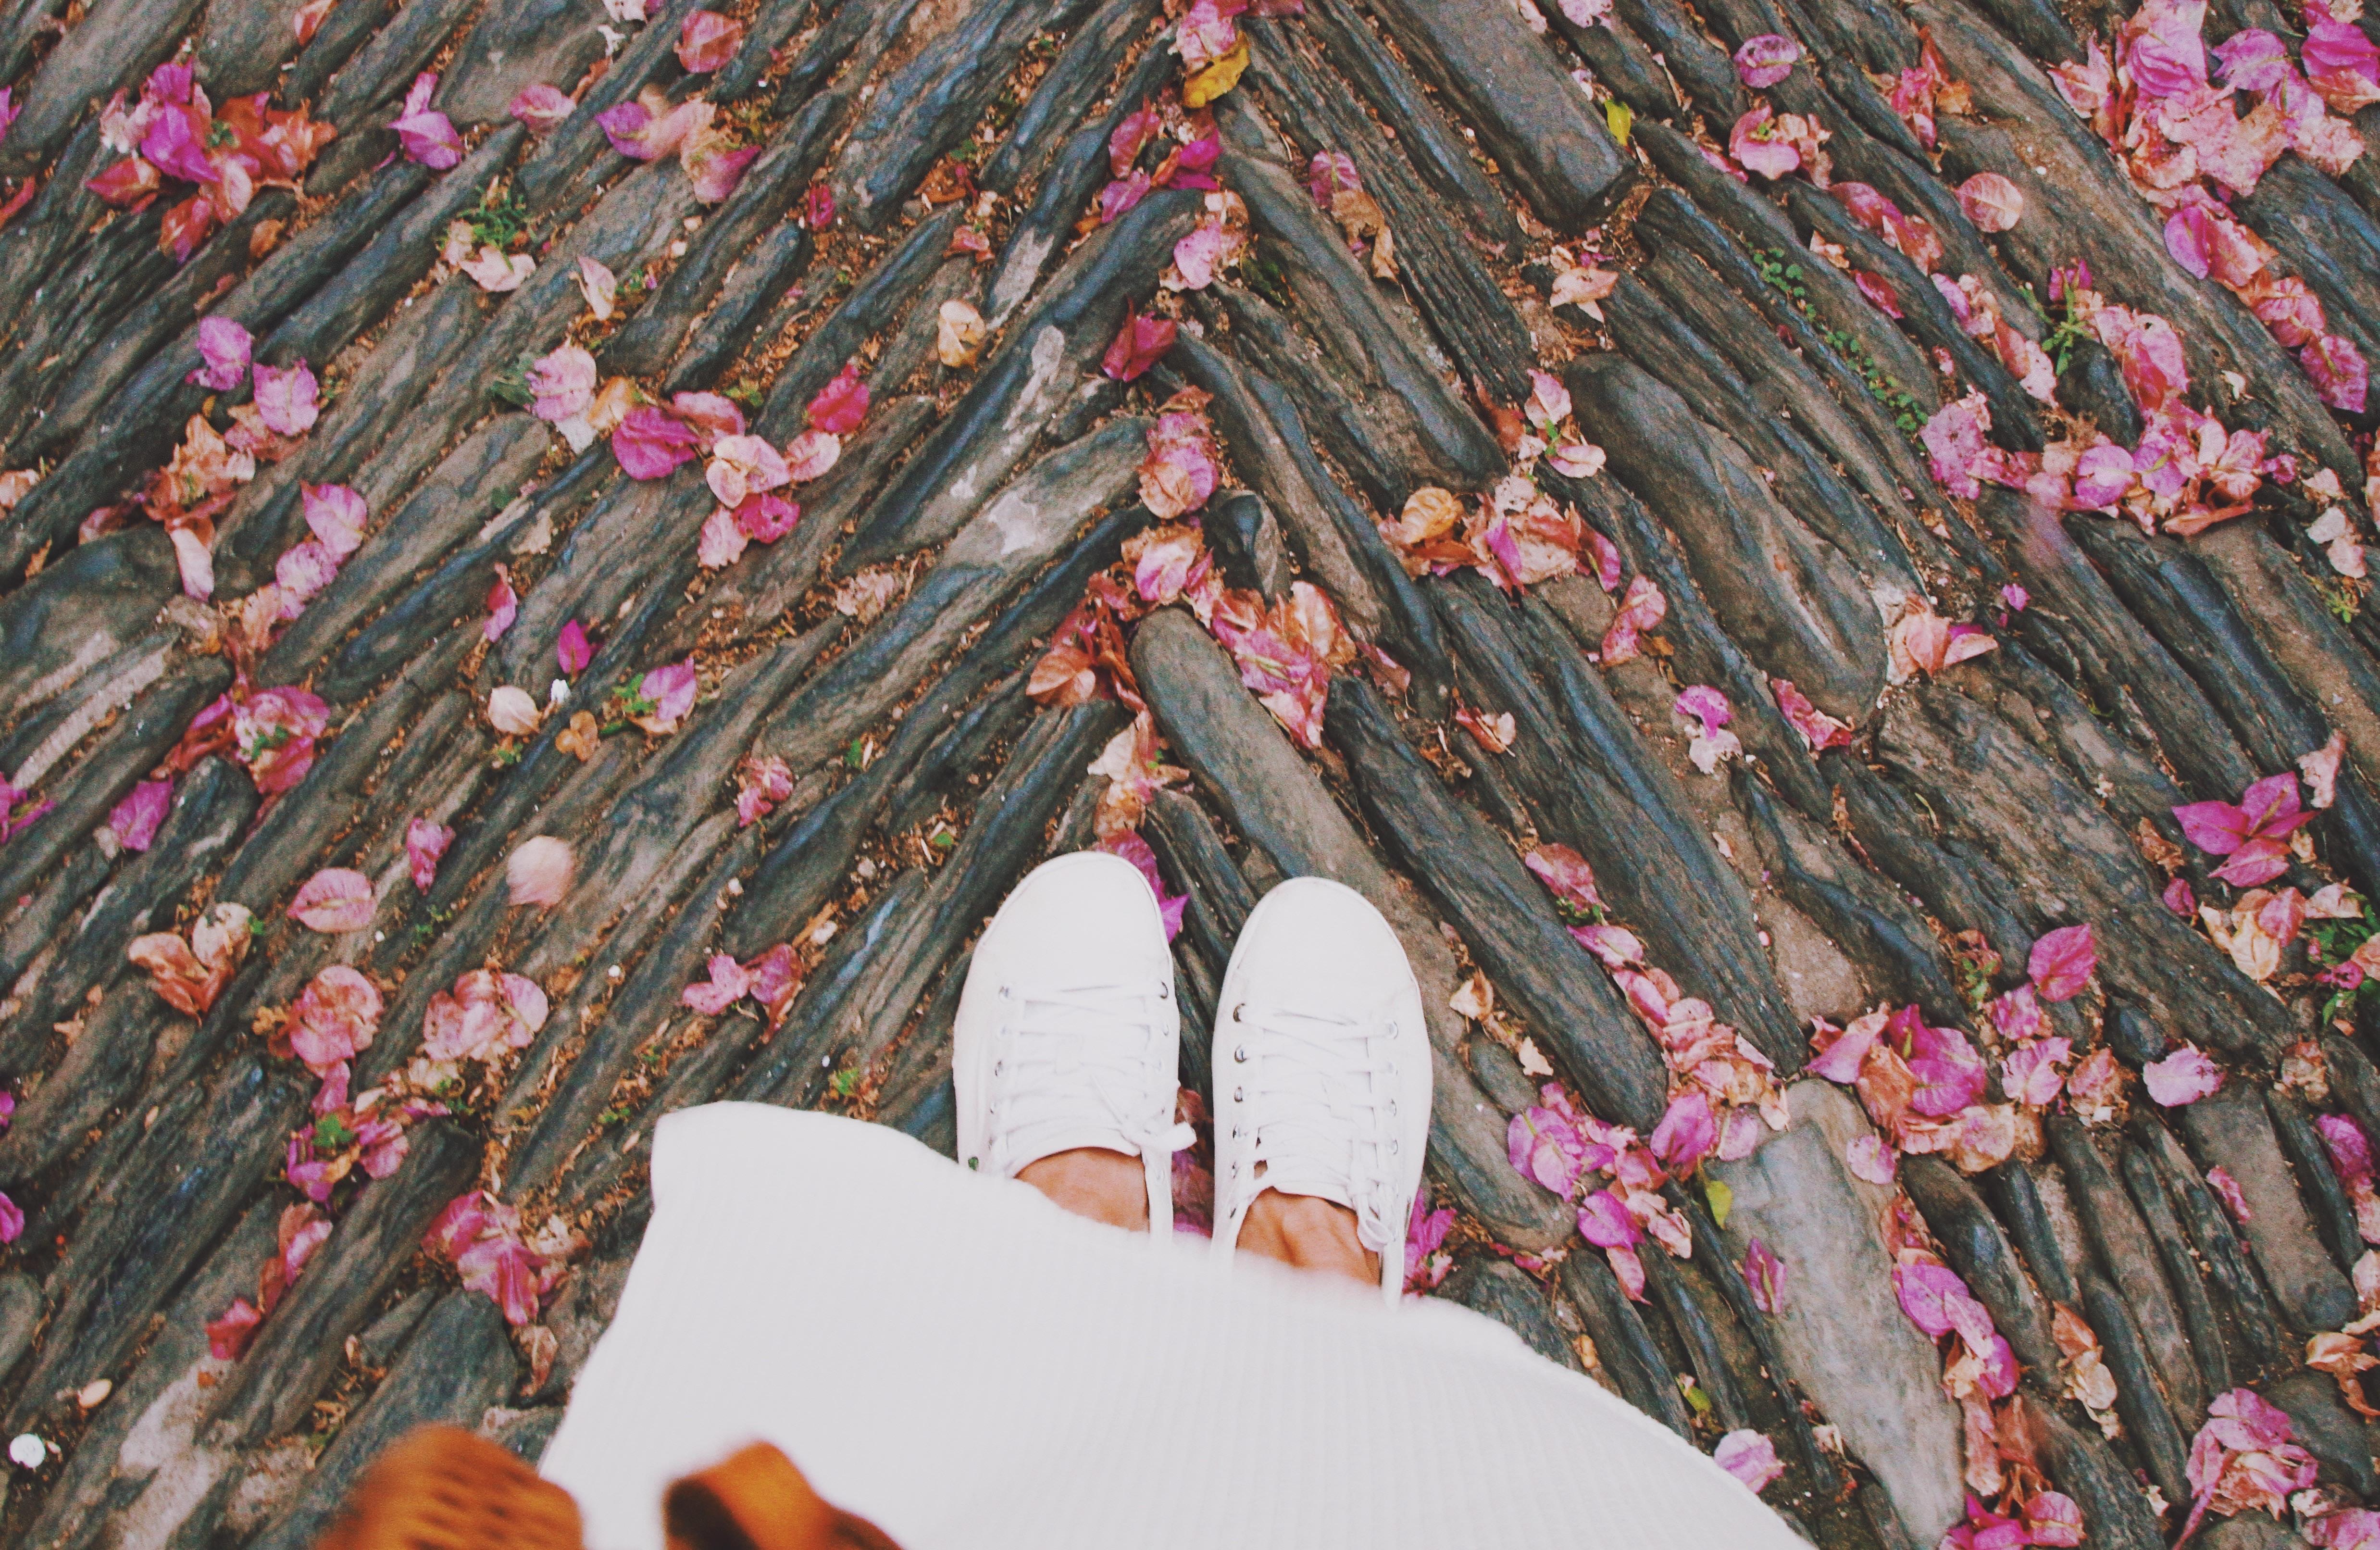 Konforlu ve Şık: Moda Adam Ayakkabı Modelleri Trendyol'da!